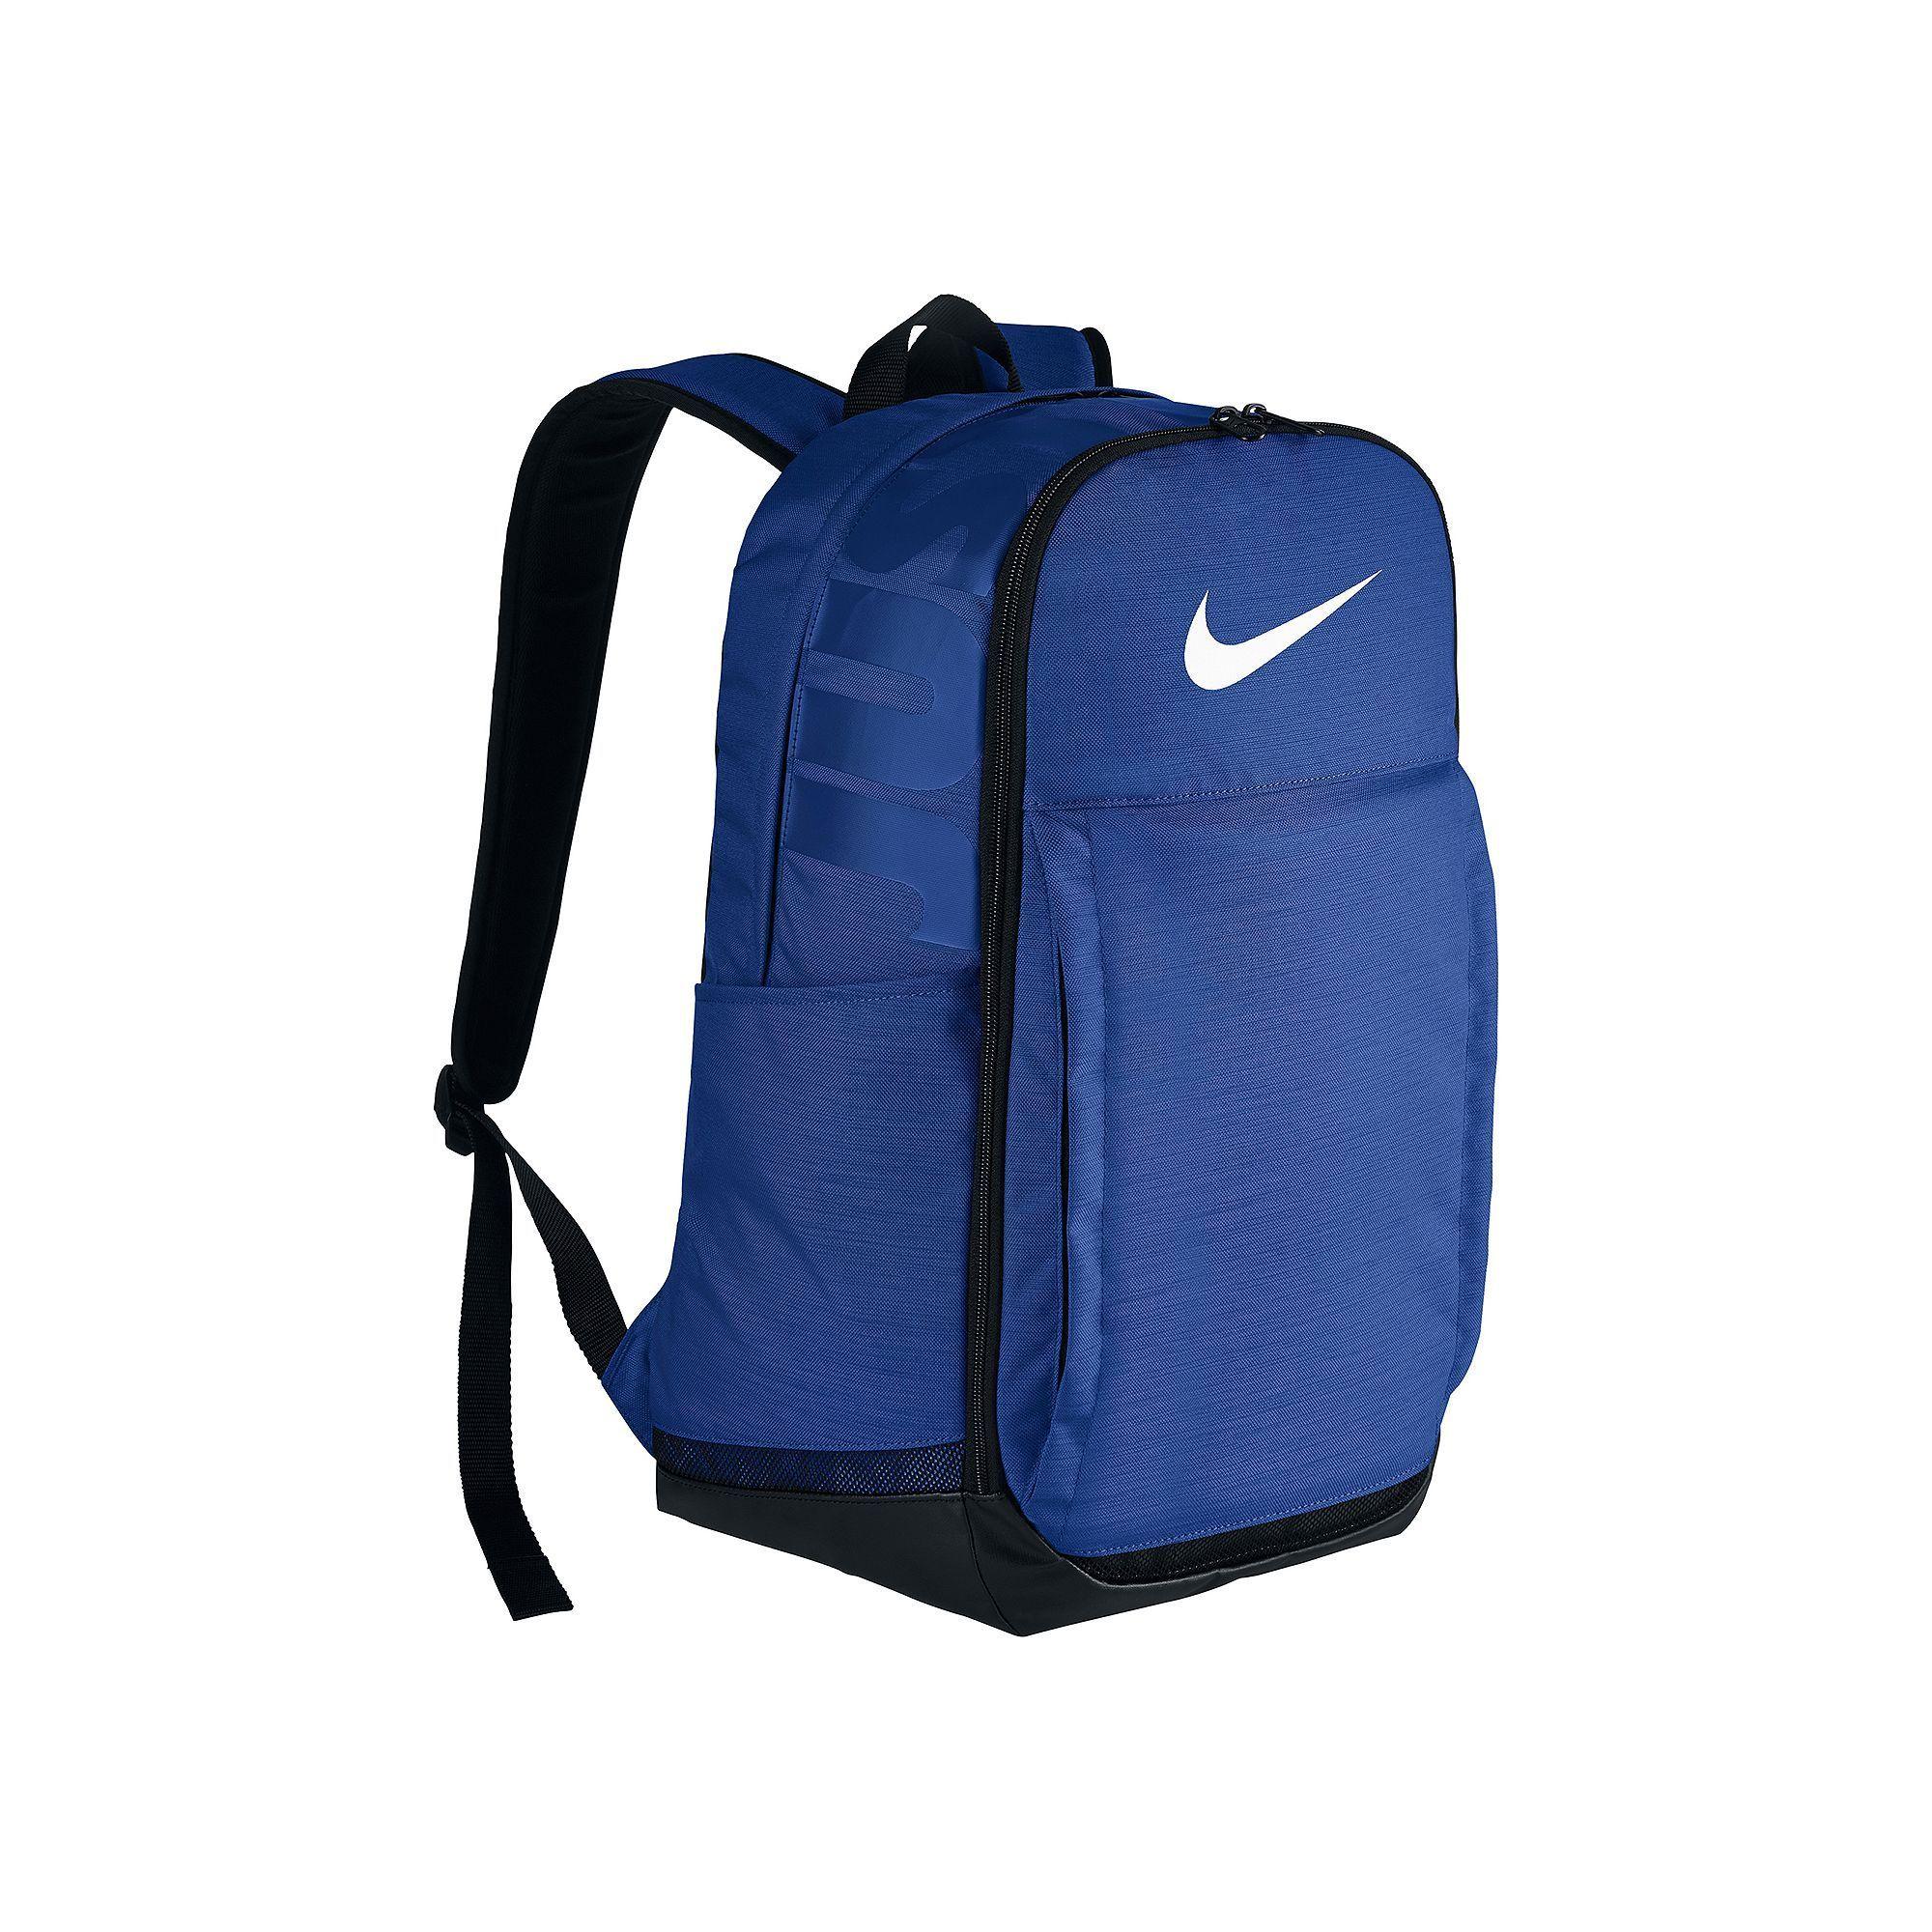 Nike Brasilia 7 XL Backpack  56383da4927ab